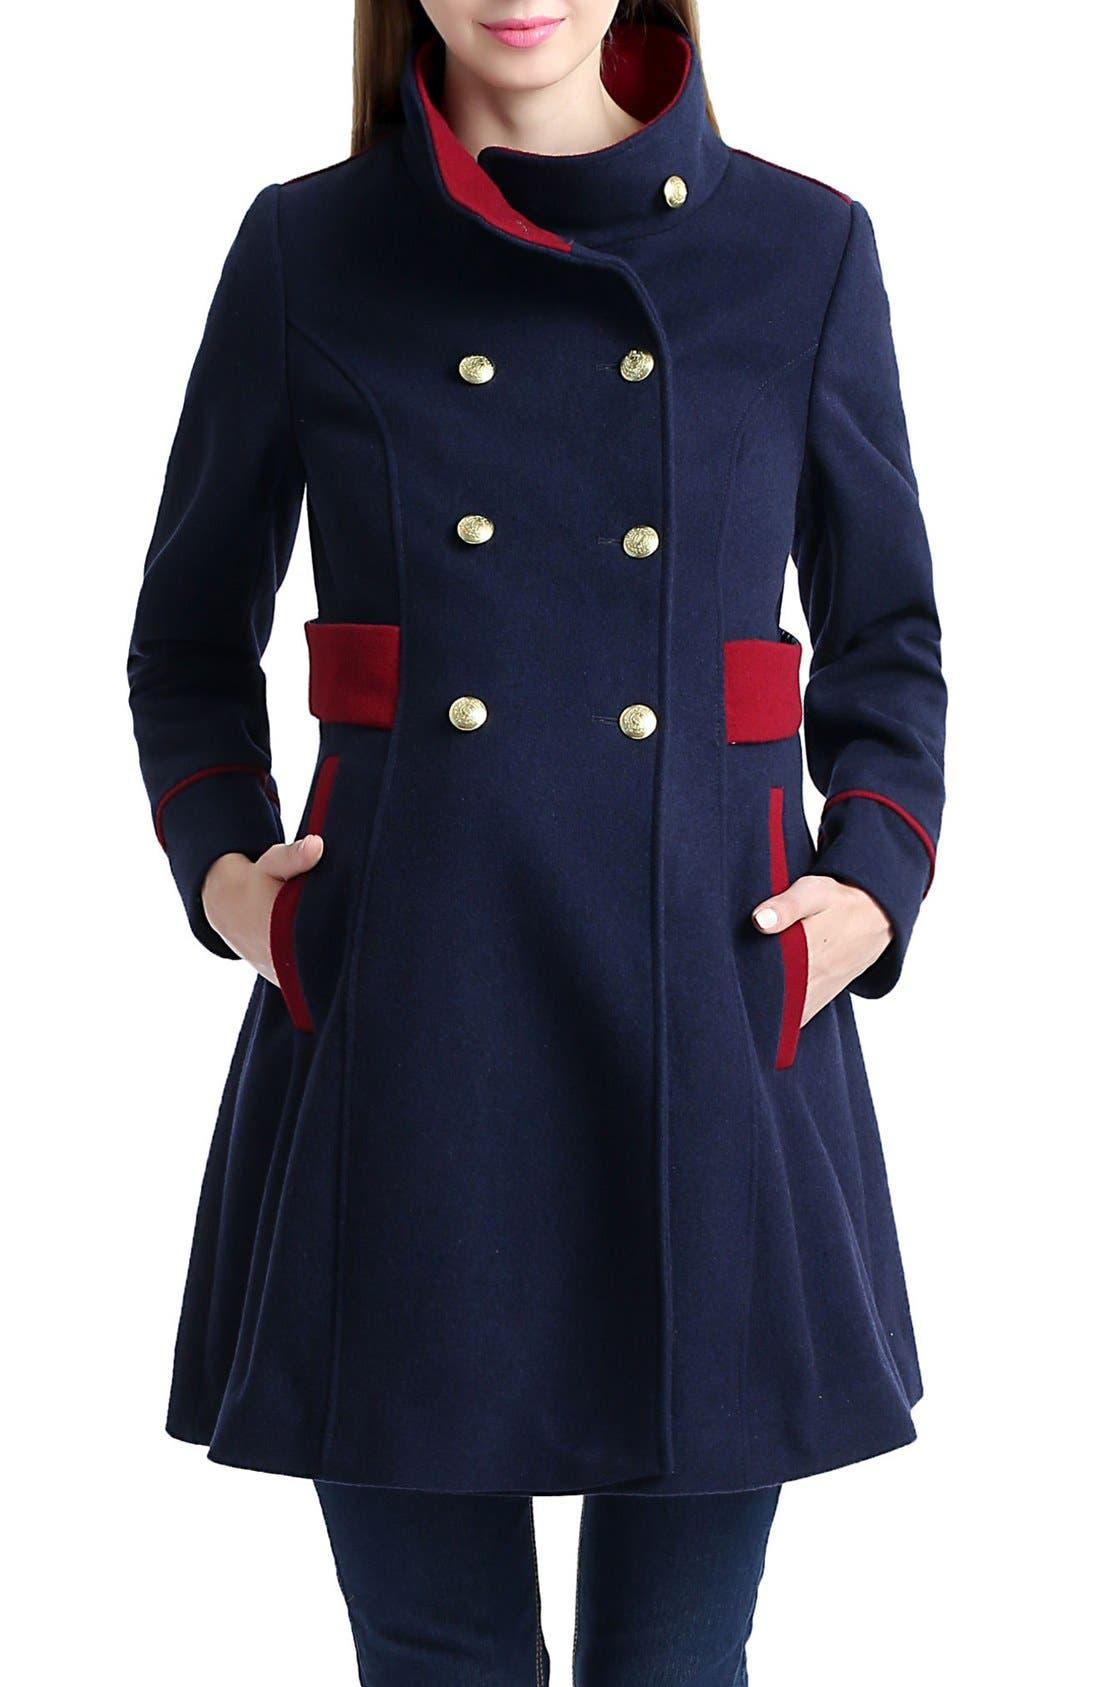 Alternate Image 1 Selected - Nom 'Pan' Military Maternity Pea Coat